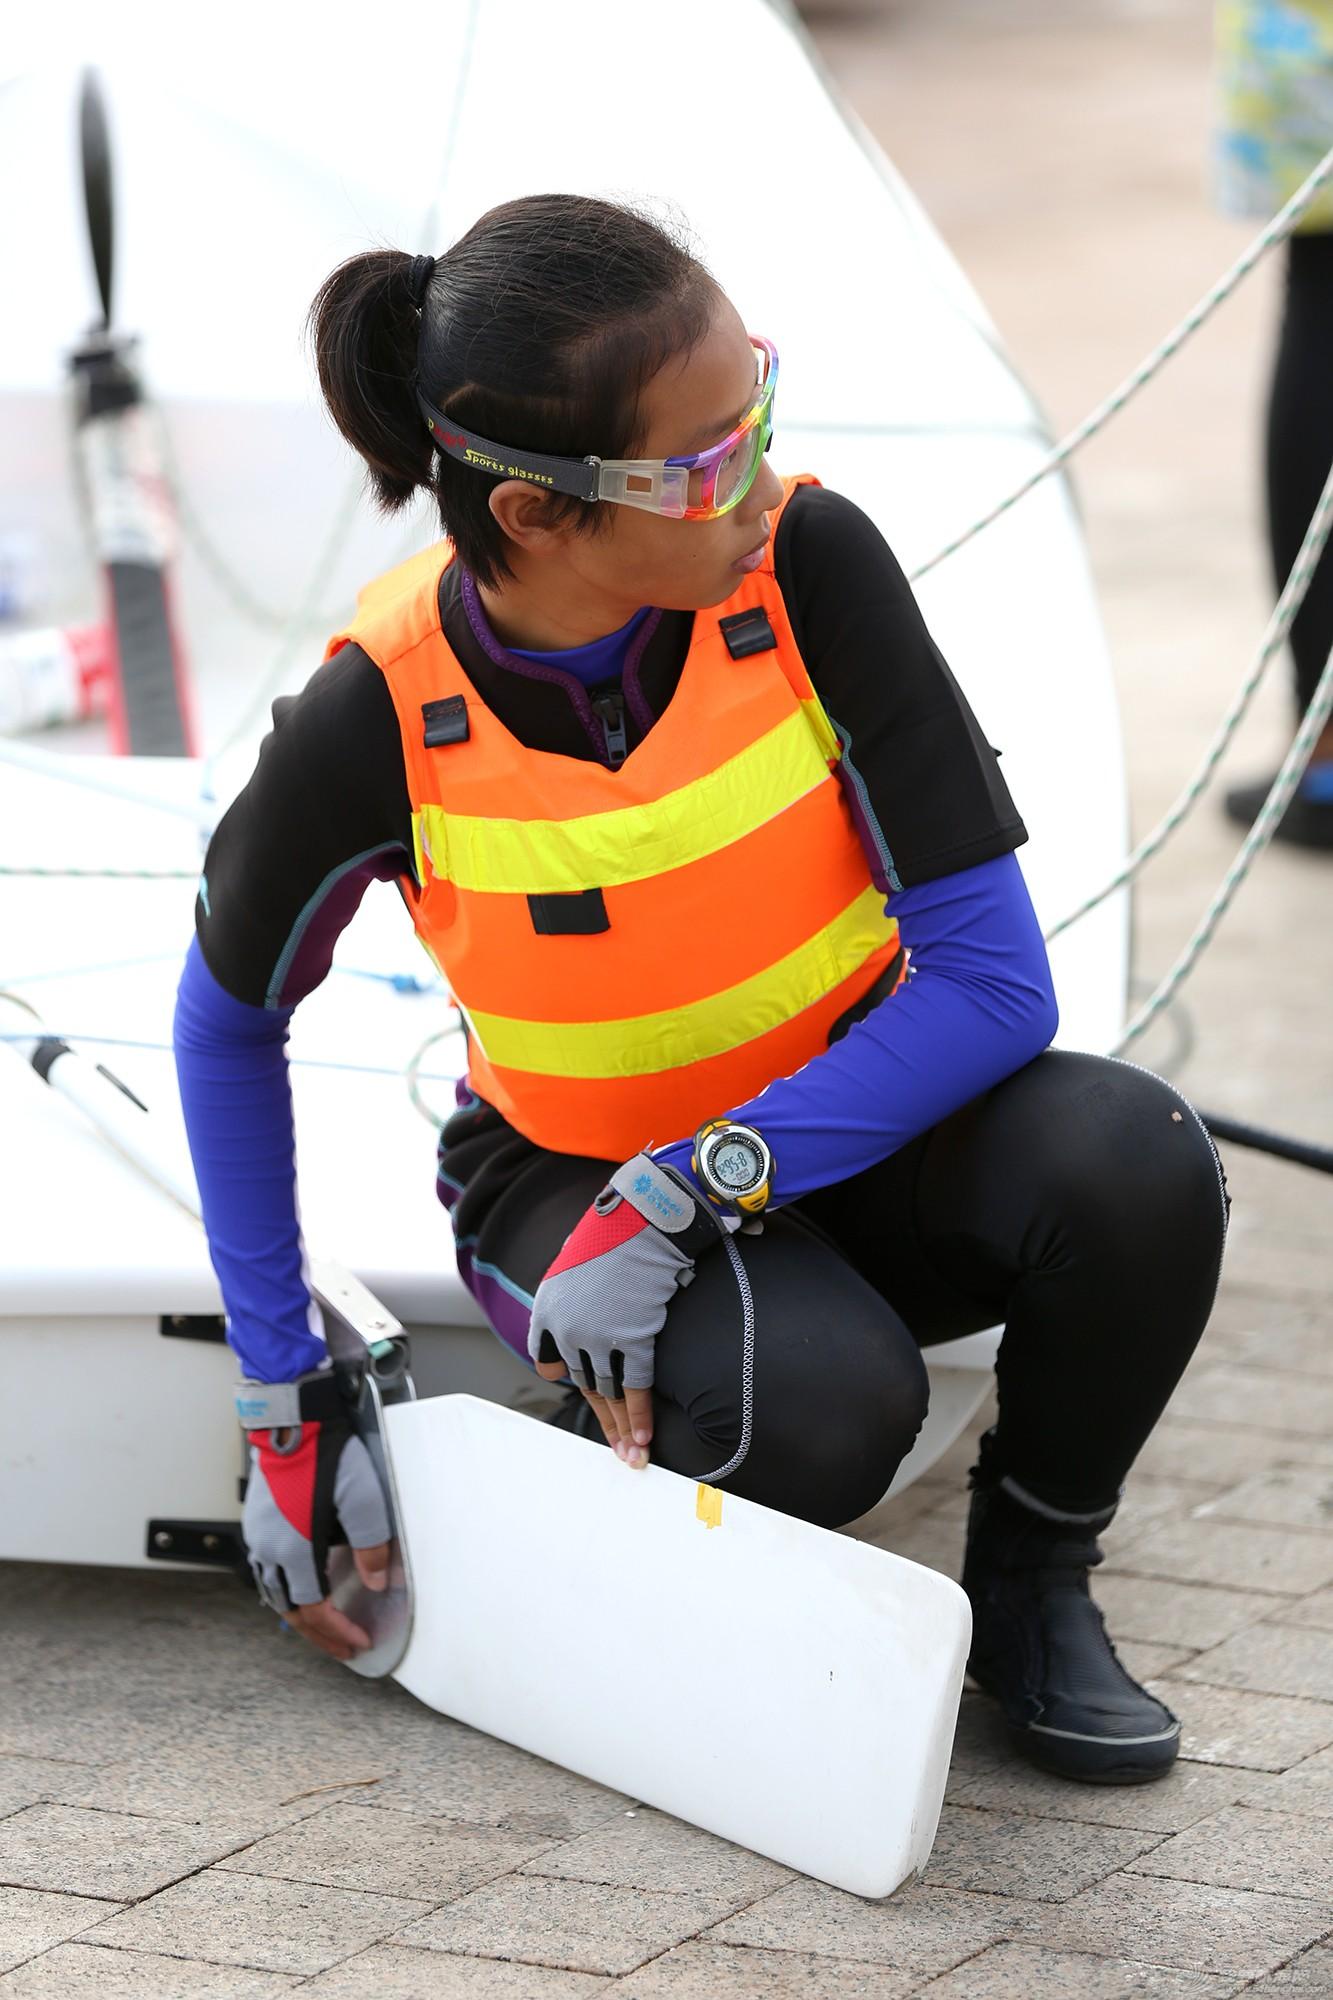 山东省,冠军赛,帆板,帆船 忙碌的赛前准备——山东省帆船帆板冠军赛花絮 5V8A9603.JPG